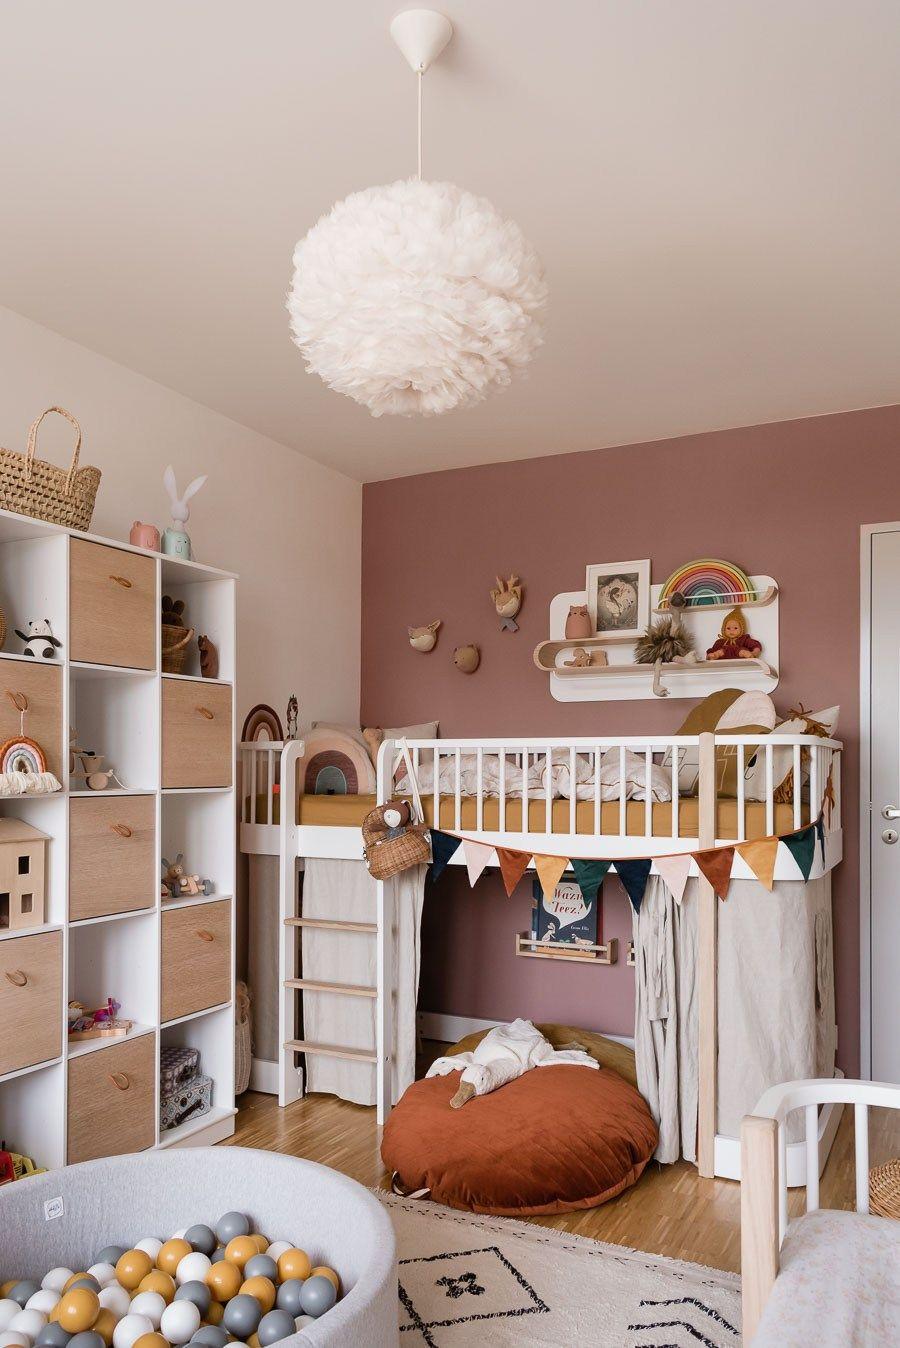 Unser Mädchenzimmer und wie es sich über die Jahre veränderte - Mini & Stil #myfuturehouse